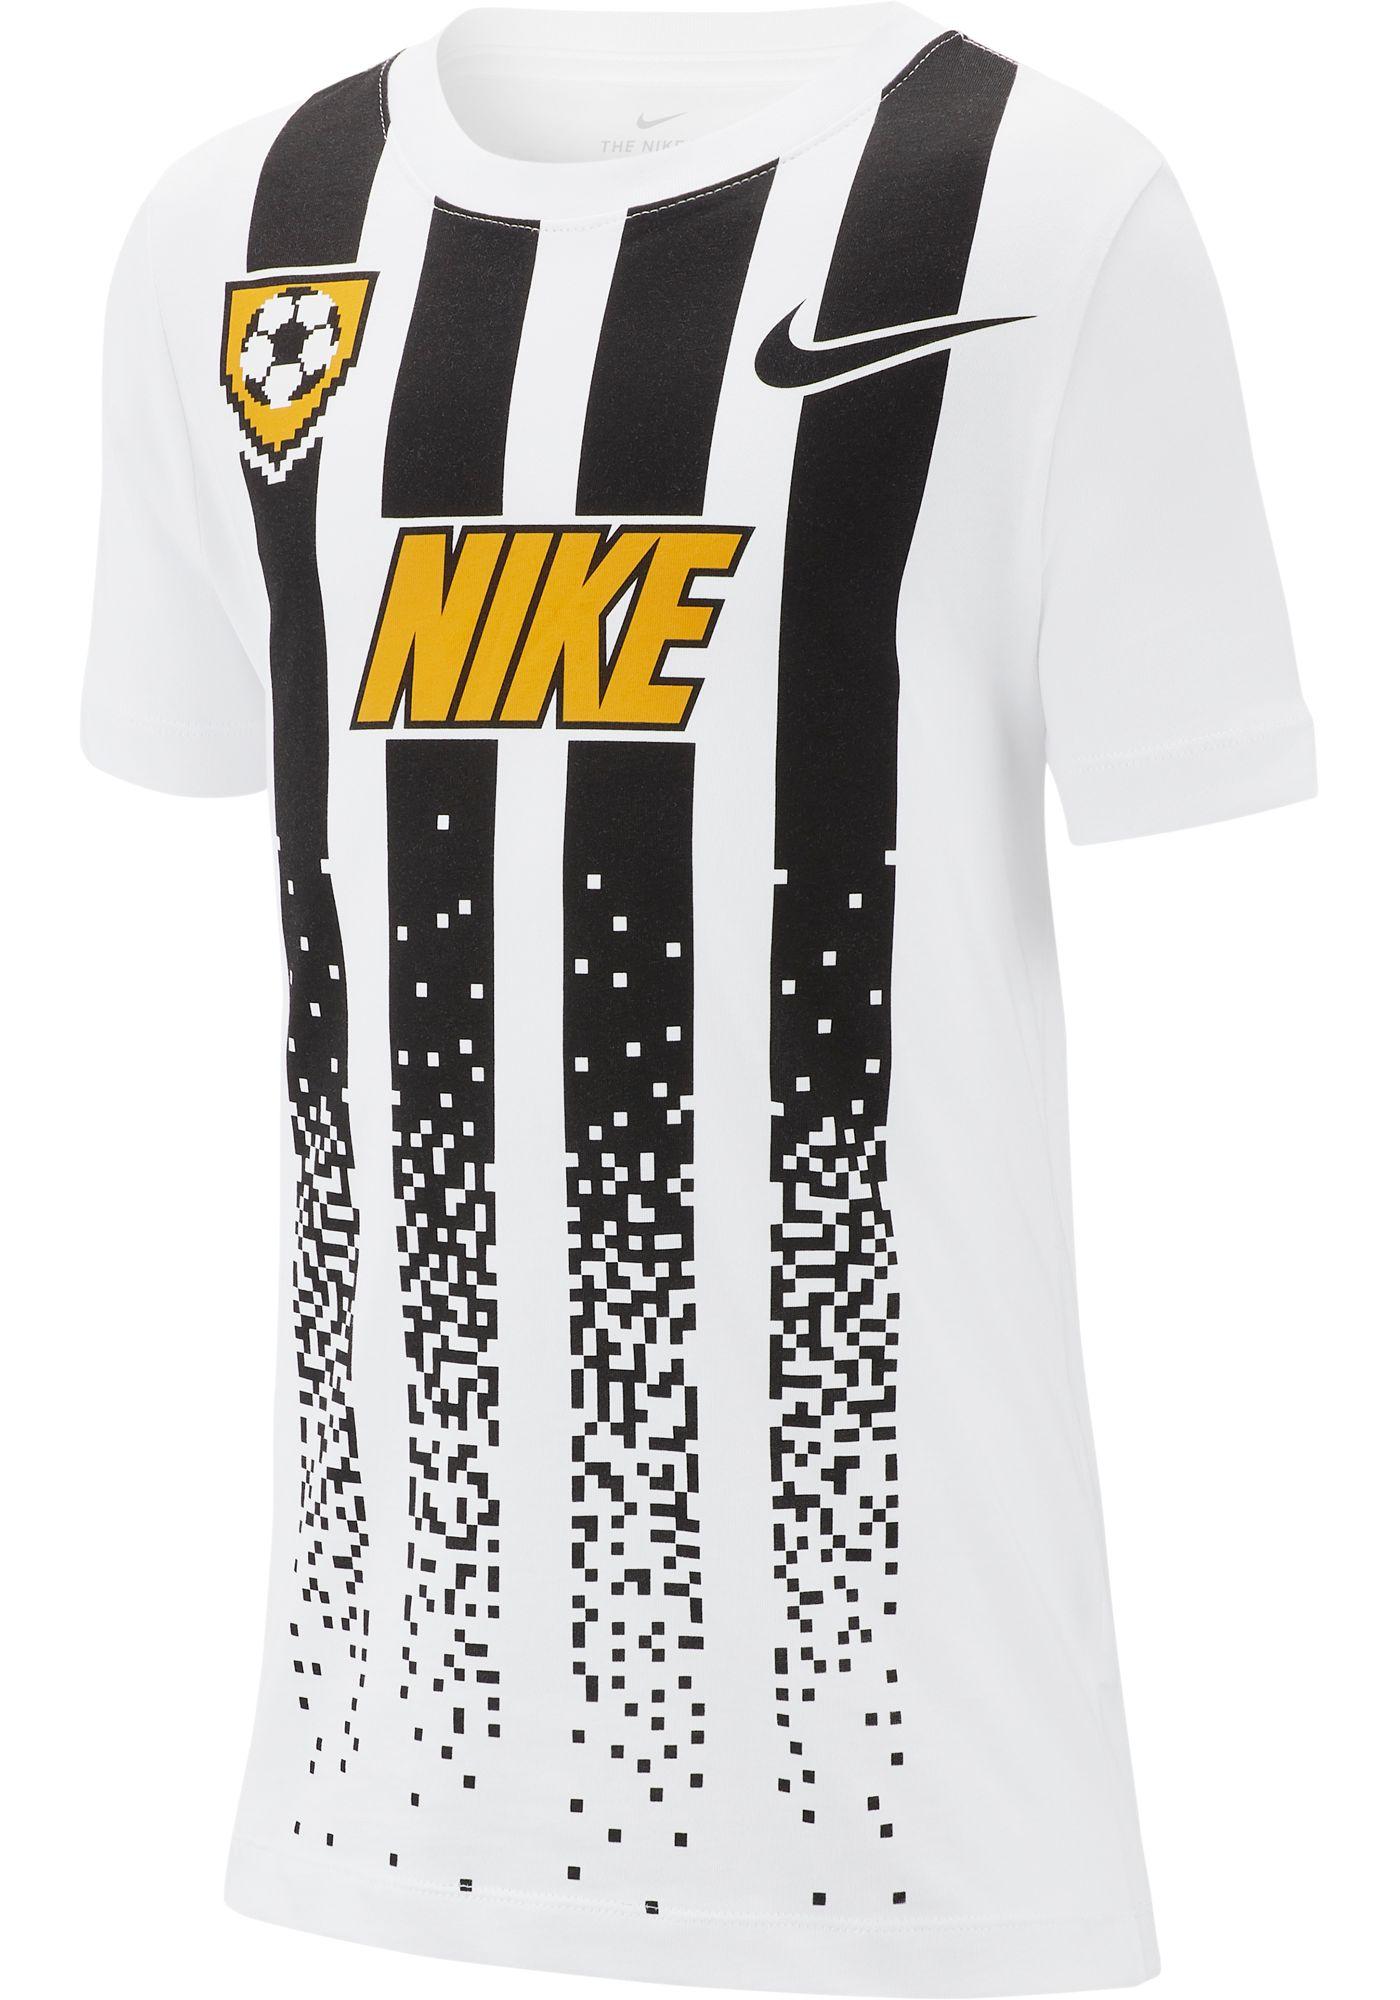 Nike Boys' Sportswear Soccer Jersey Tee